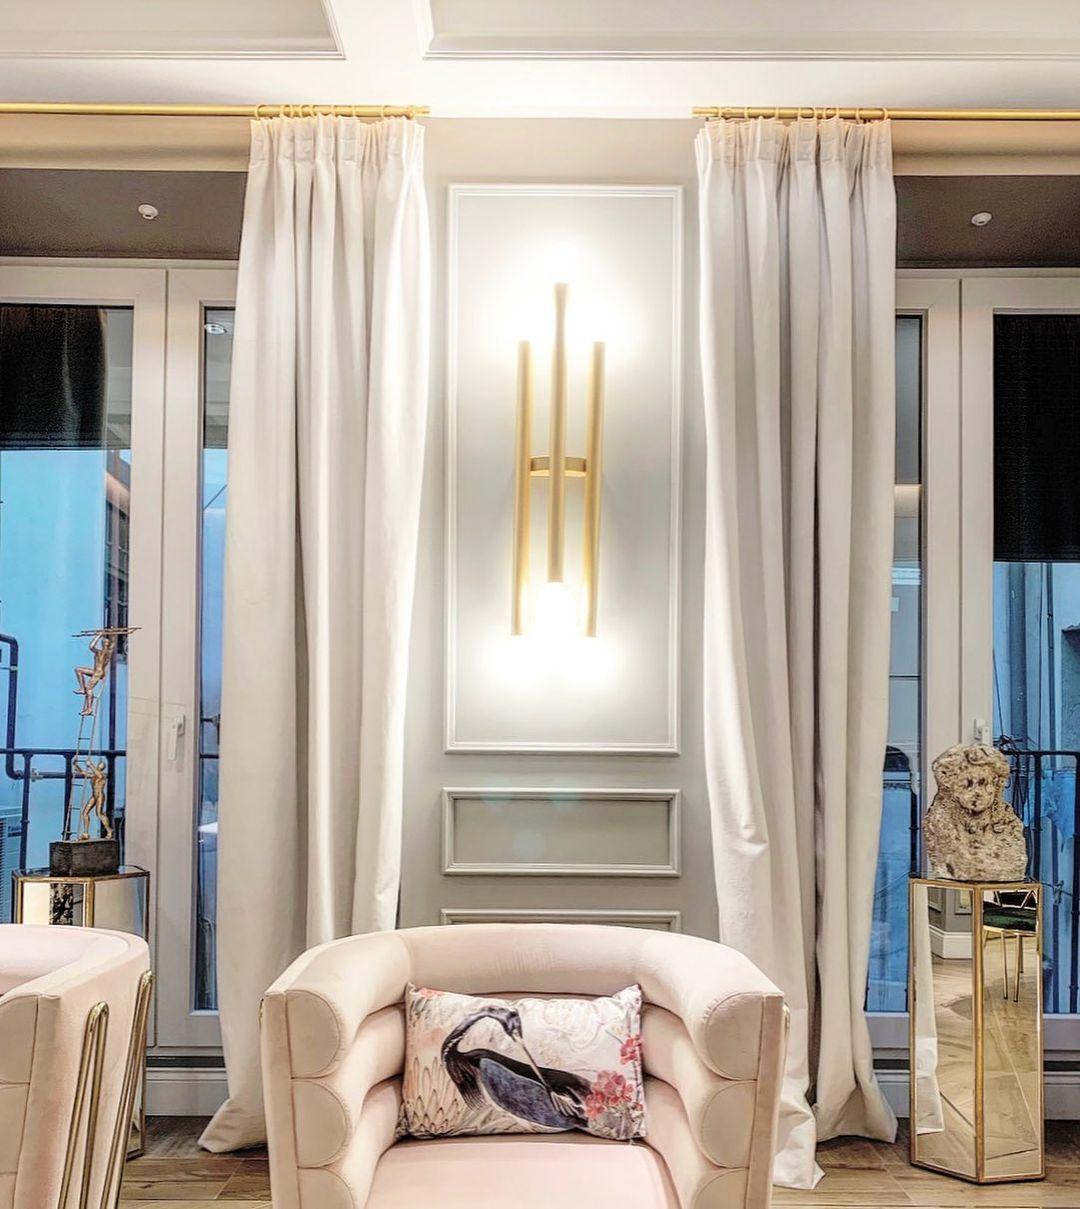 Top Interioristas: Proyectos lujuosos y elegantes en Madrid top interioristas Top Interioristas: Proyectos lujuosos y elegantes en Madrid 155264978 2678204035803262 7340772473941918552 n